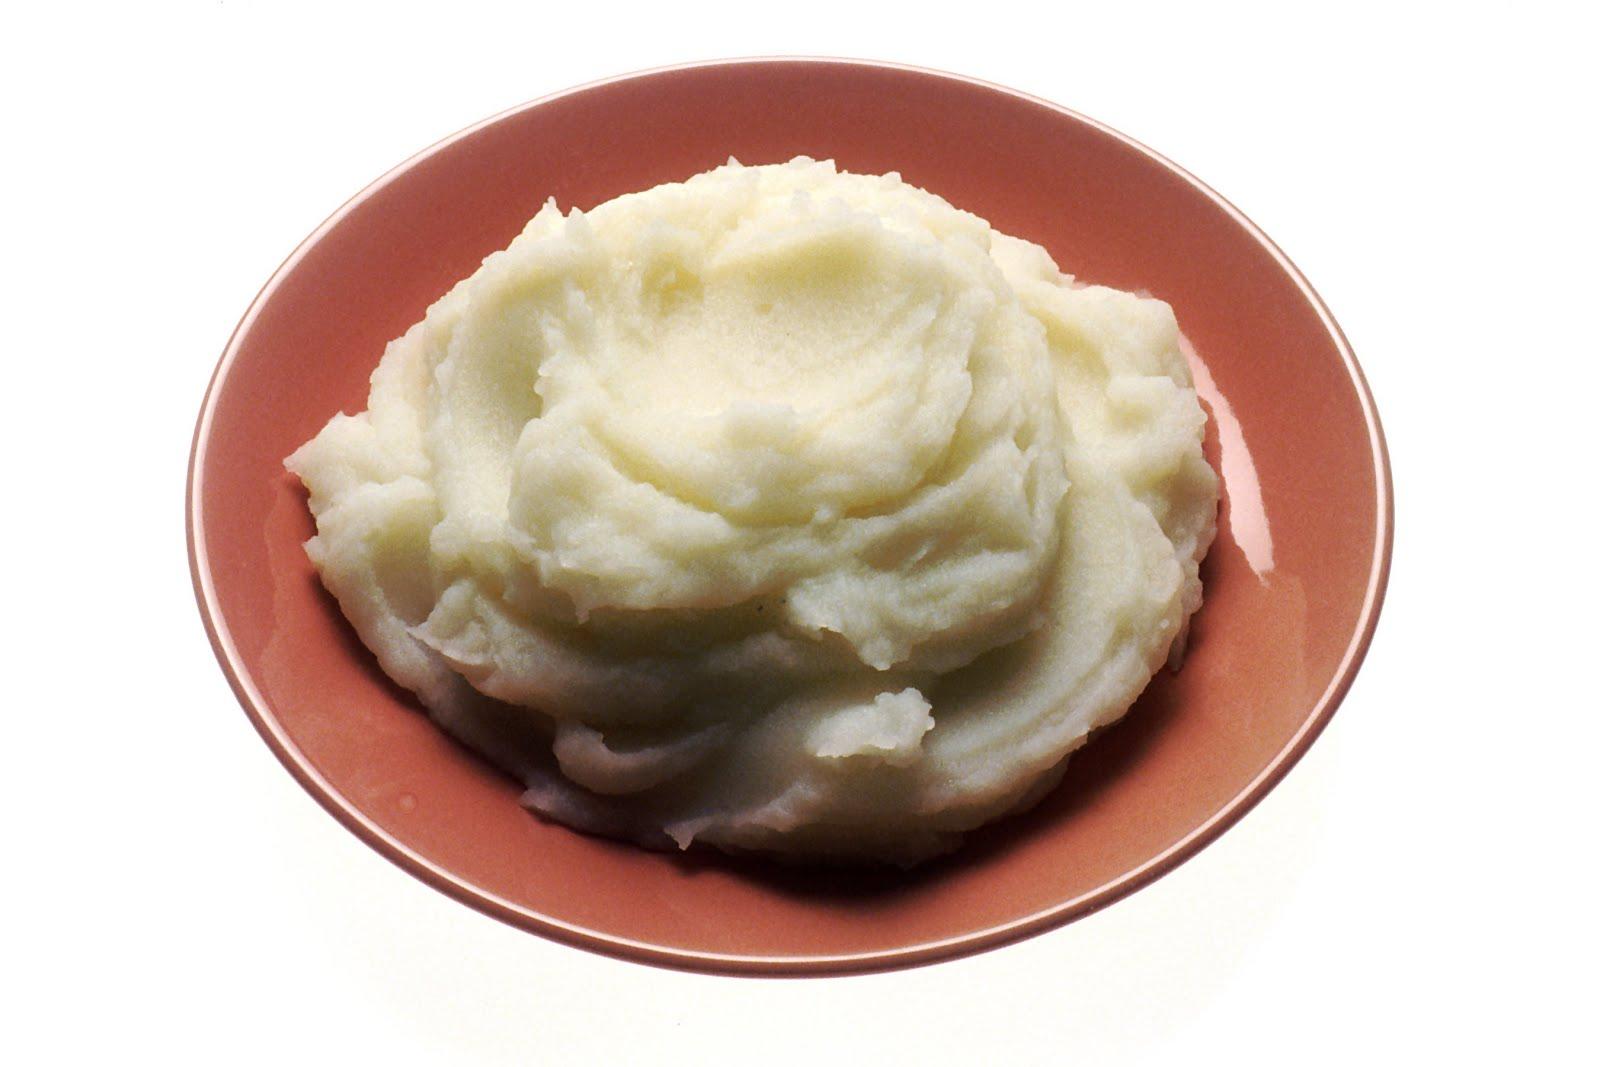 「薯泥」重定向至此。關於以番薯製成的零食,詳見「番薯泥」。